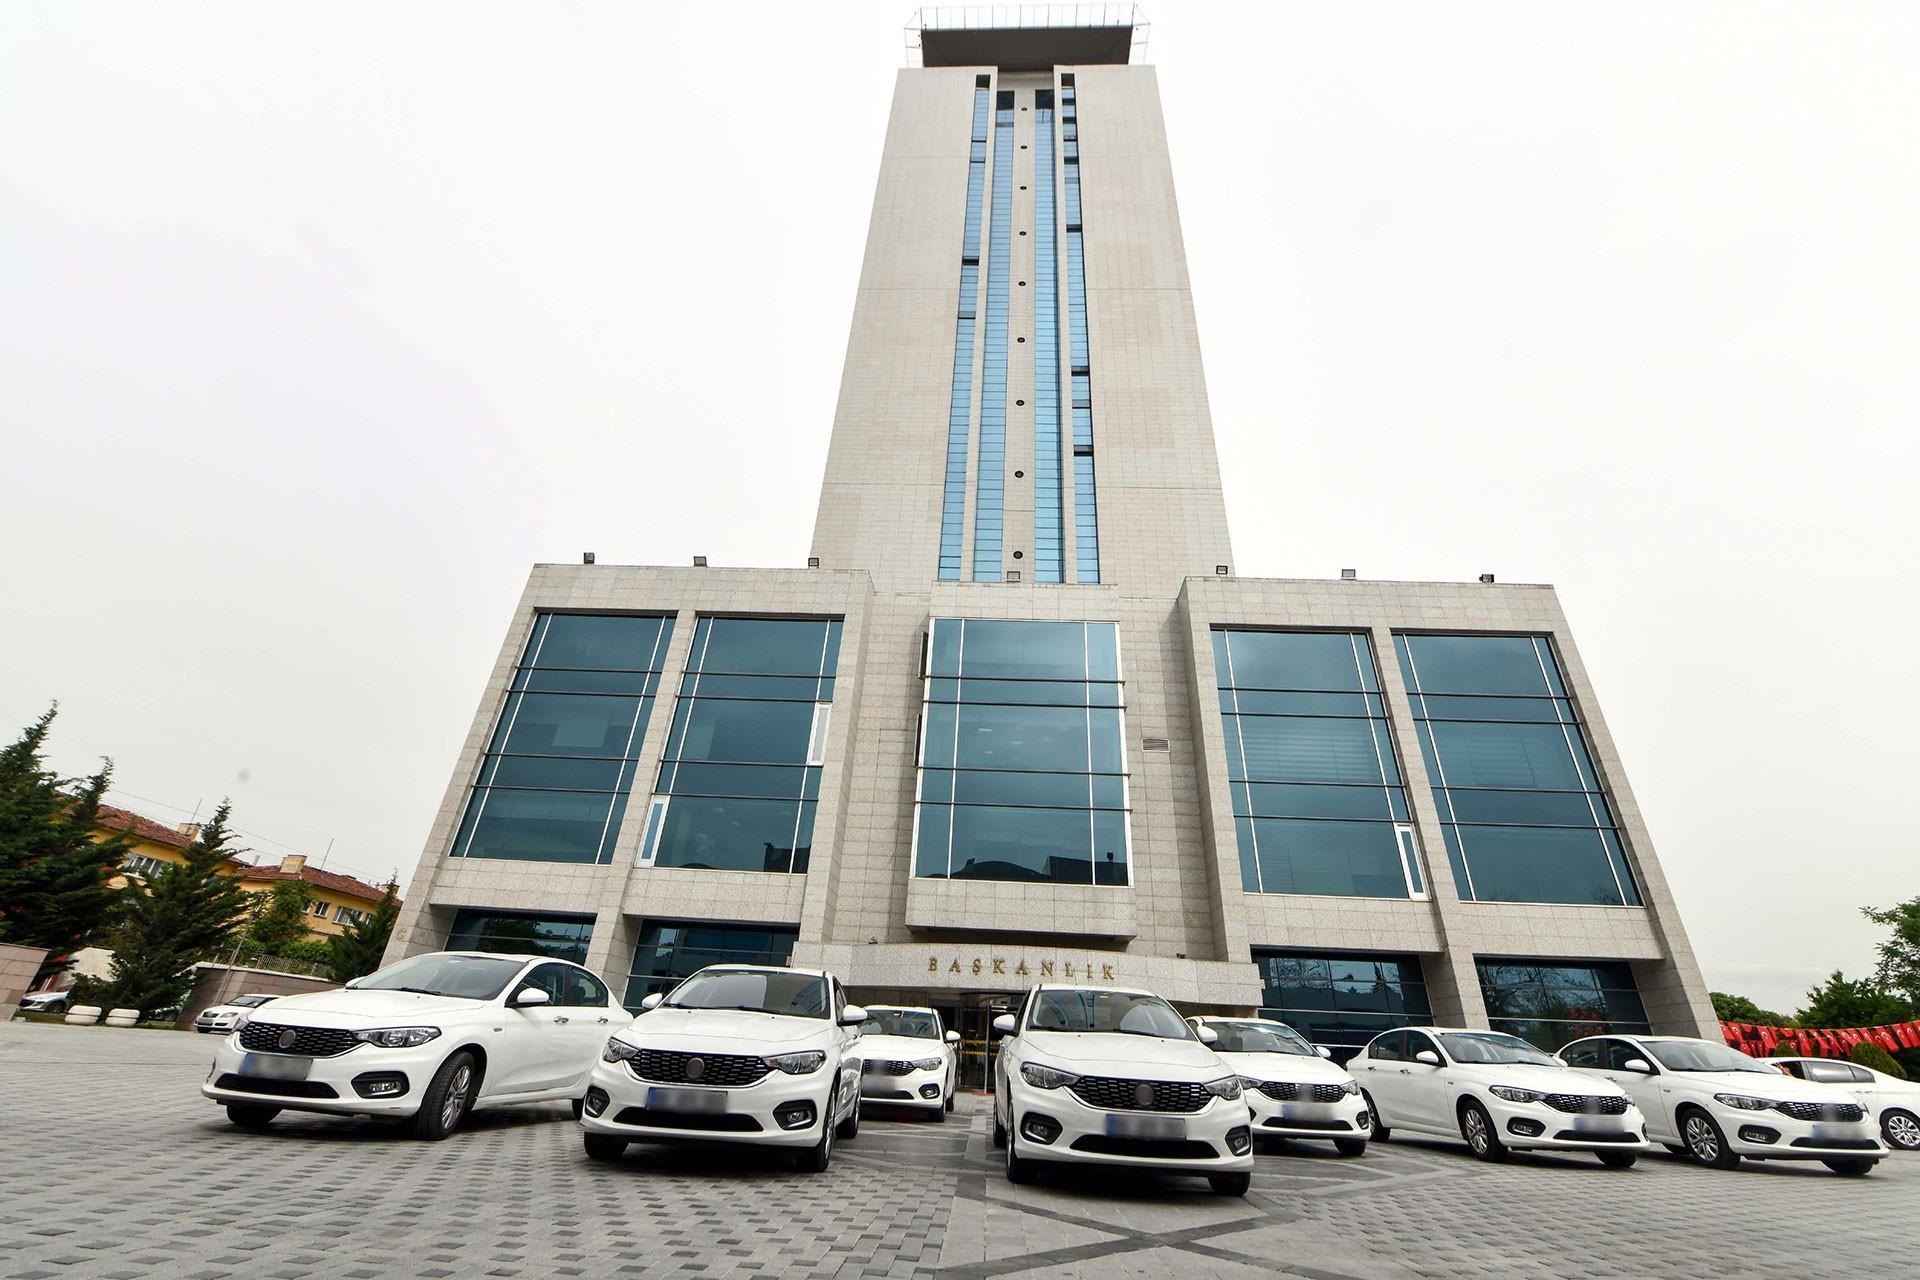 Ankara Büyükşehir Belediyesinde araç sayısı azaltılmaya başladı